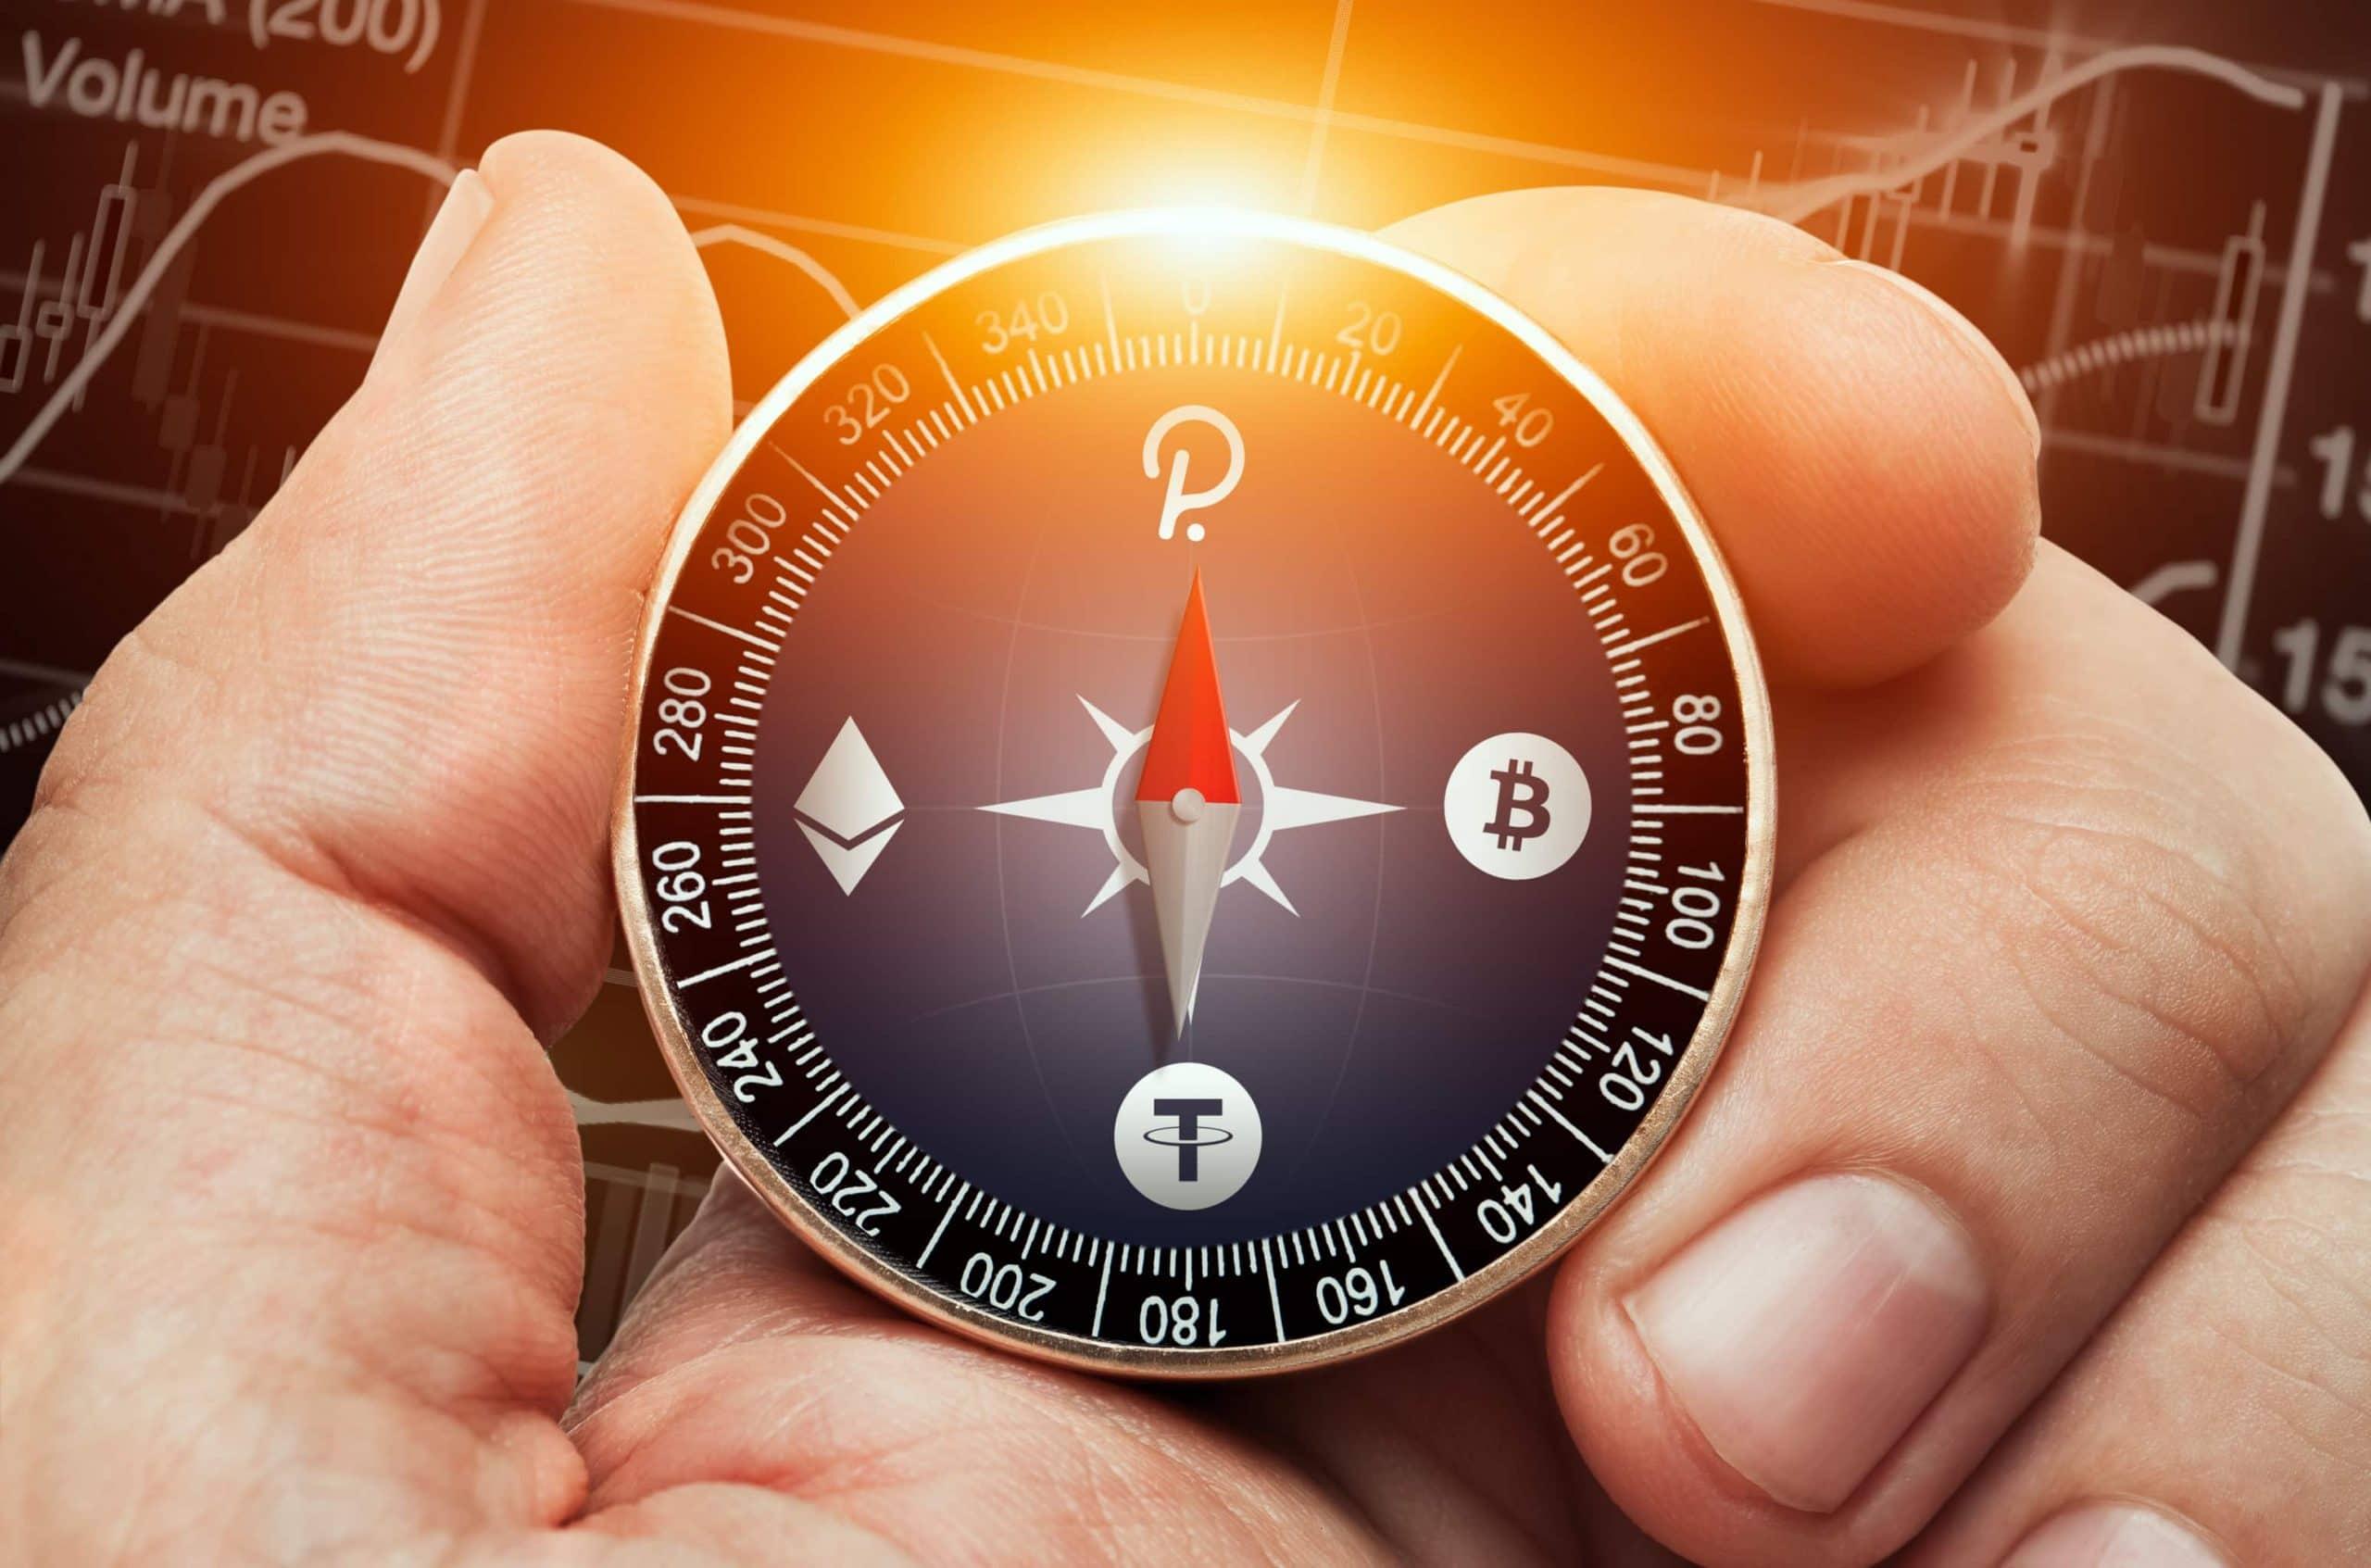 Der Kompass steht auf Polkadot